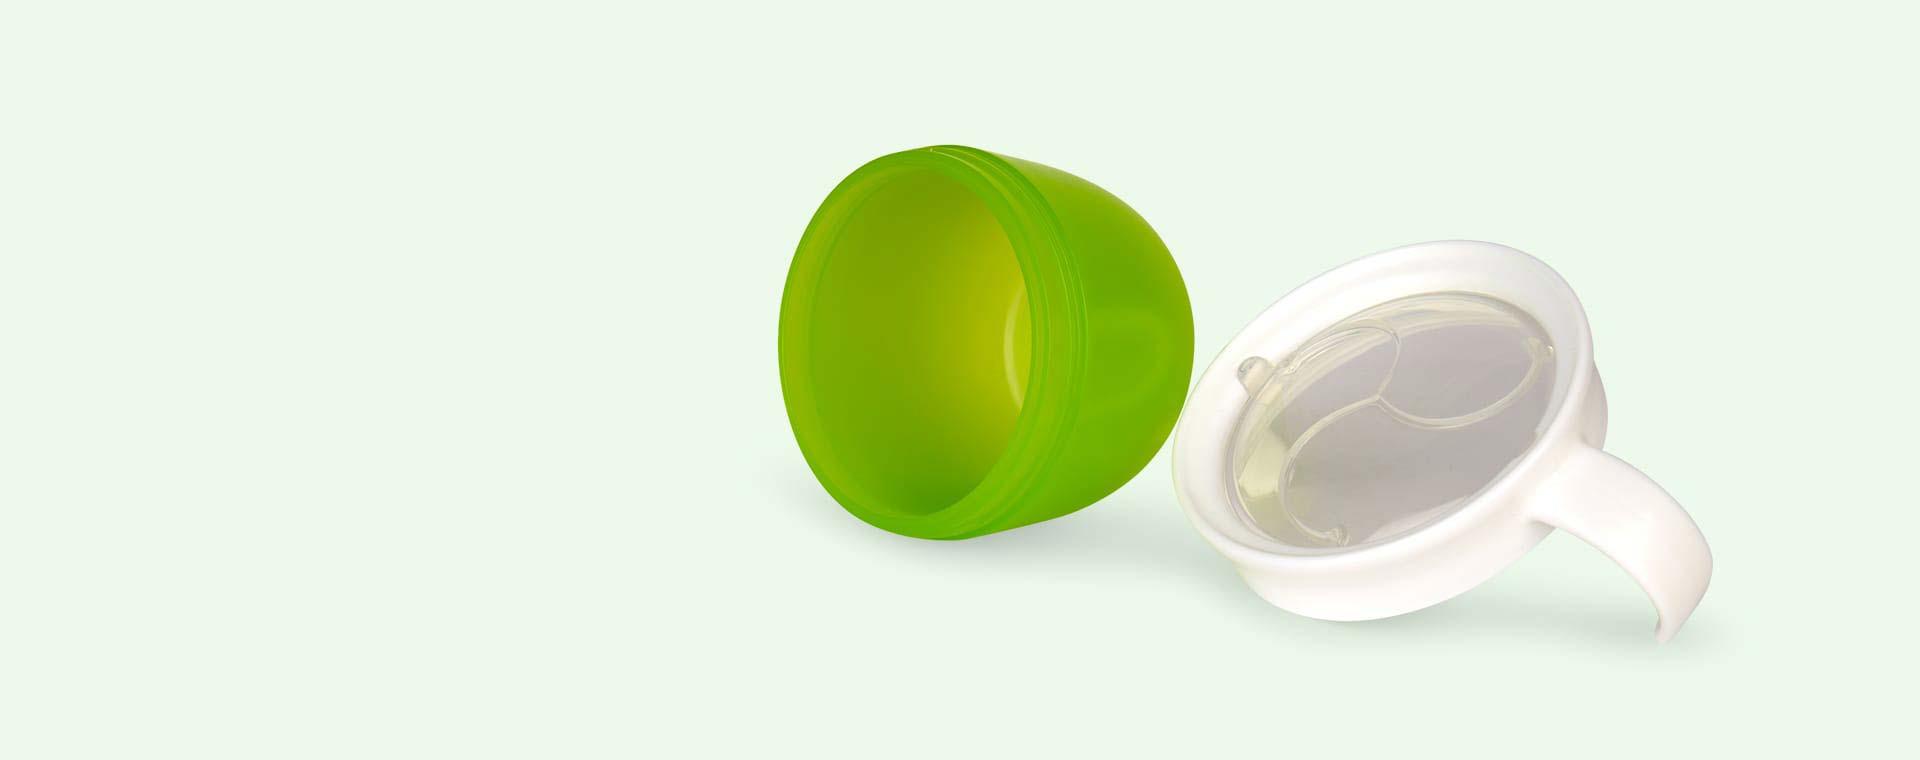 Green Munchkin Click Lock Deluxe Snack Catcher